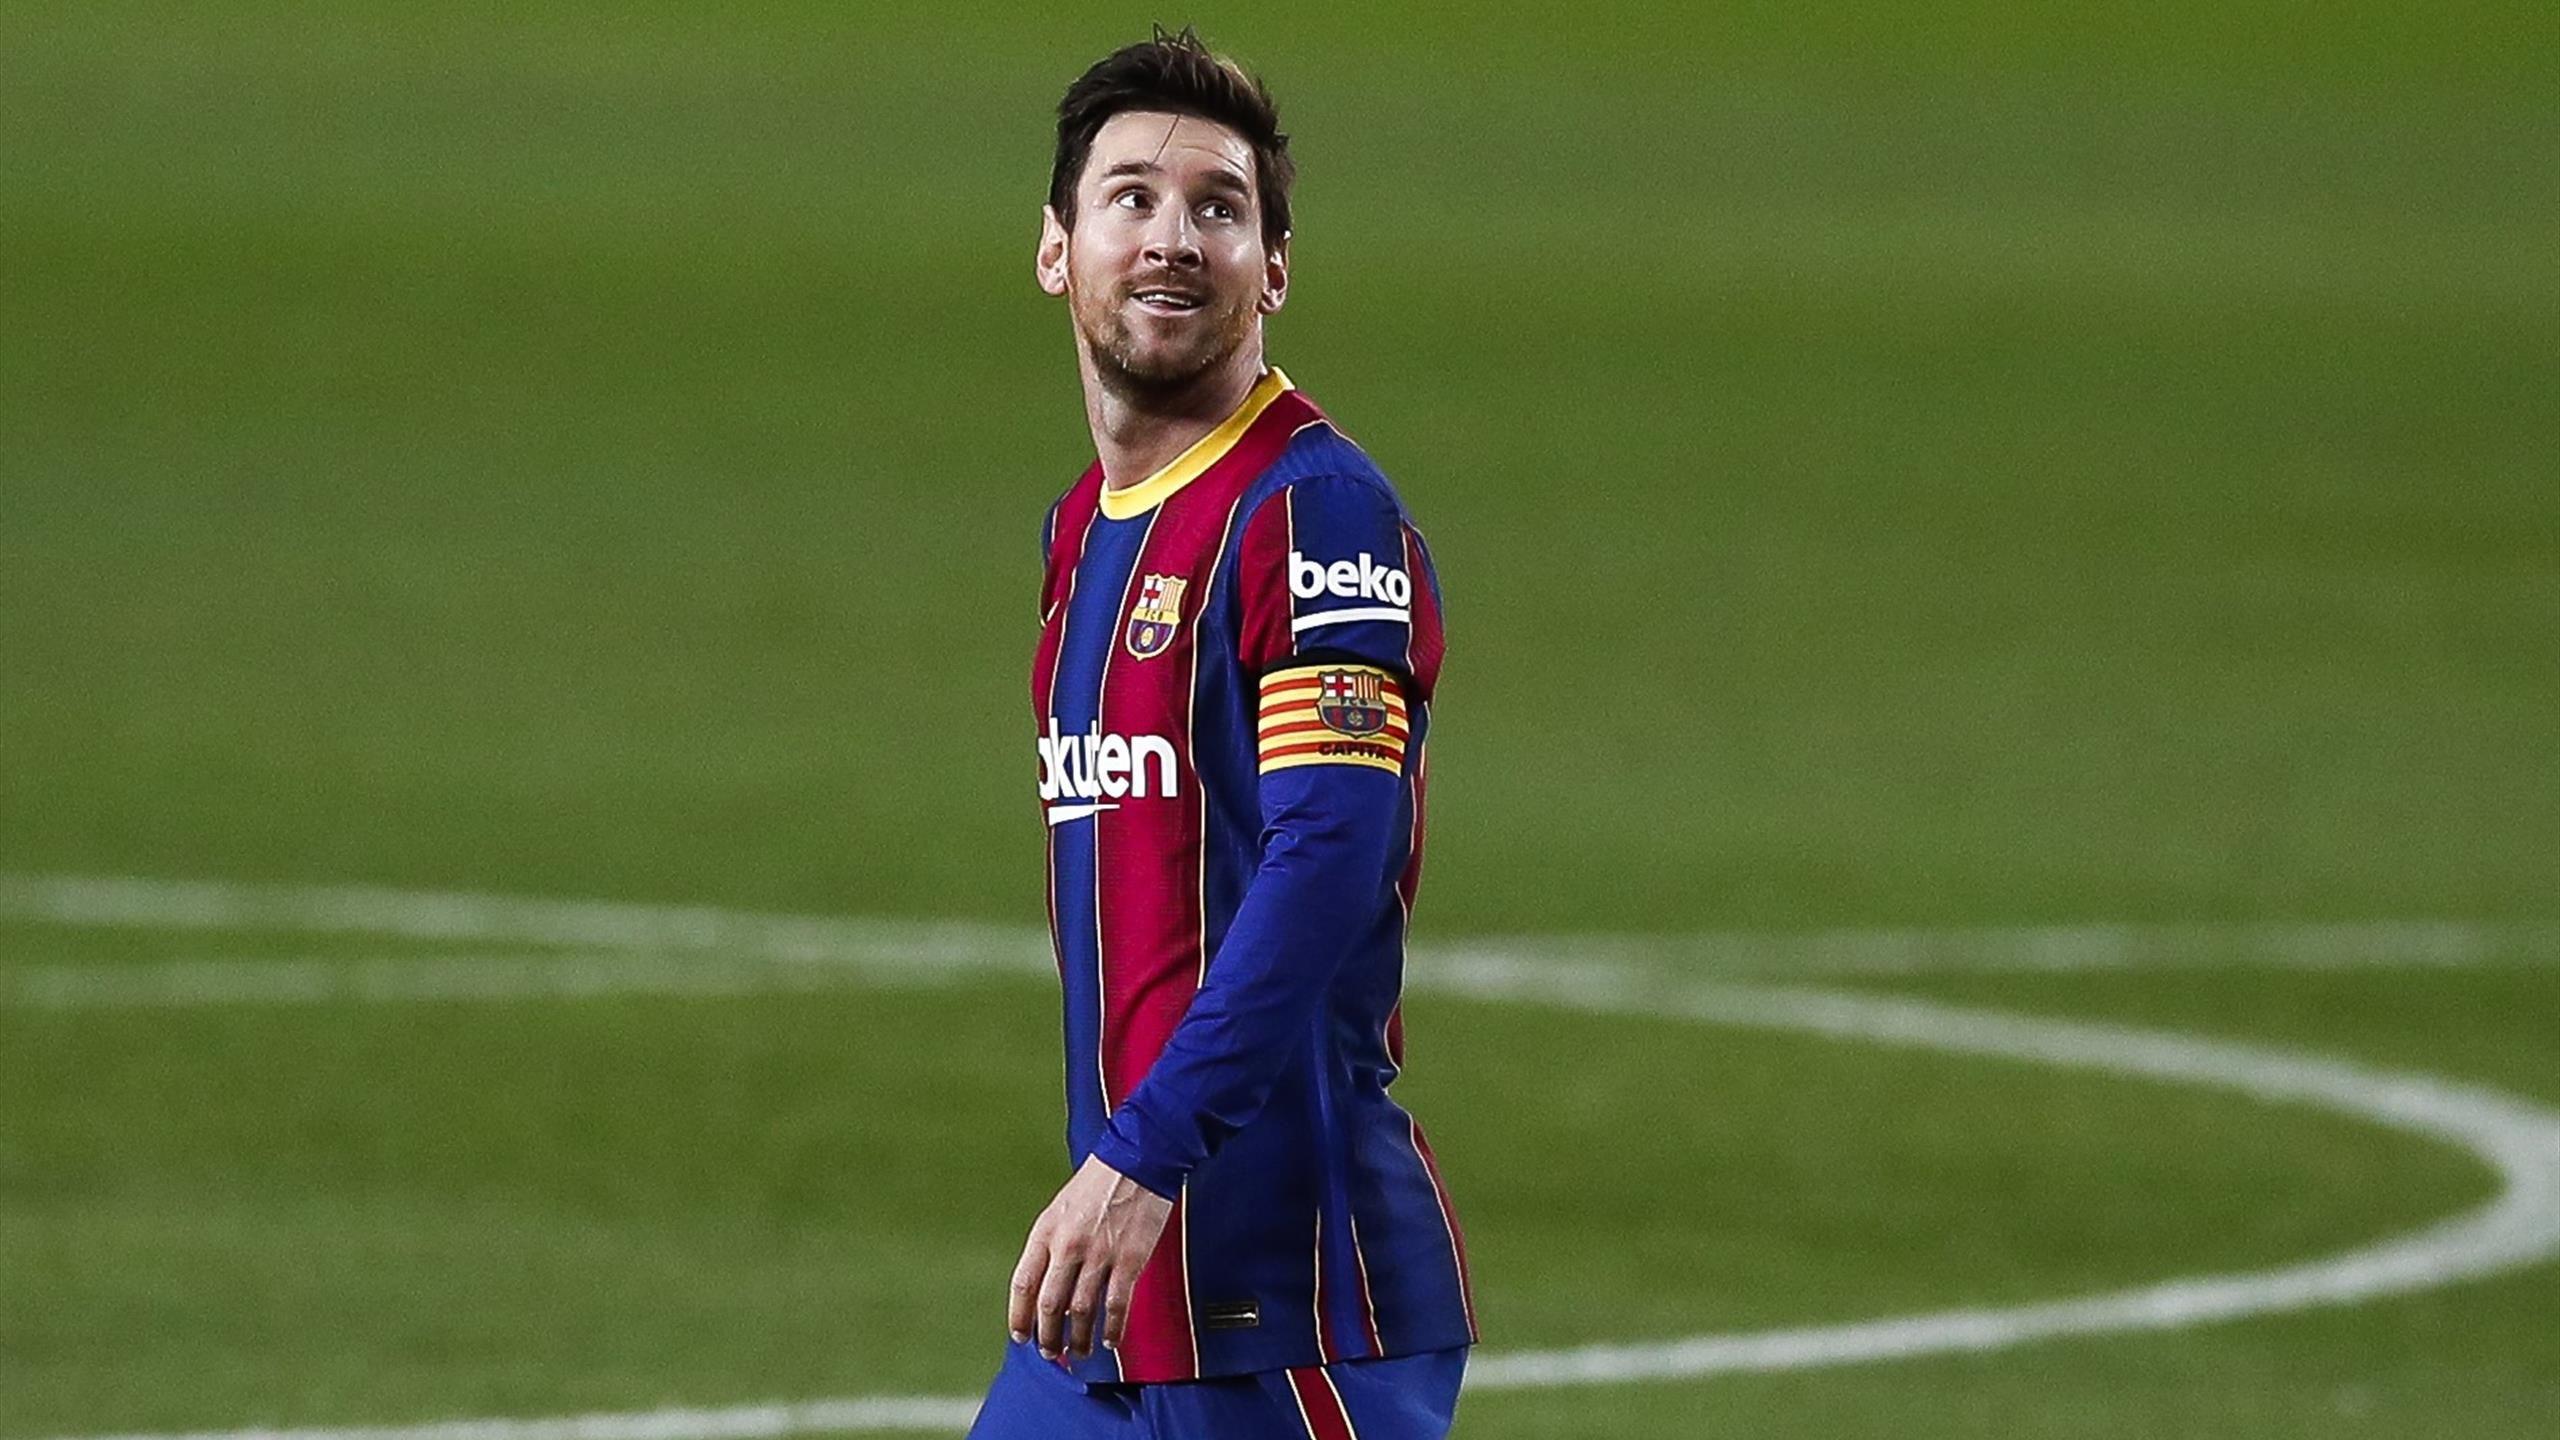 Mercato : Lionel Messi se confie : Le burofax, Neymar, sa fin de contrat